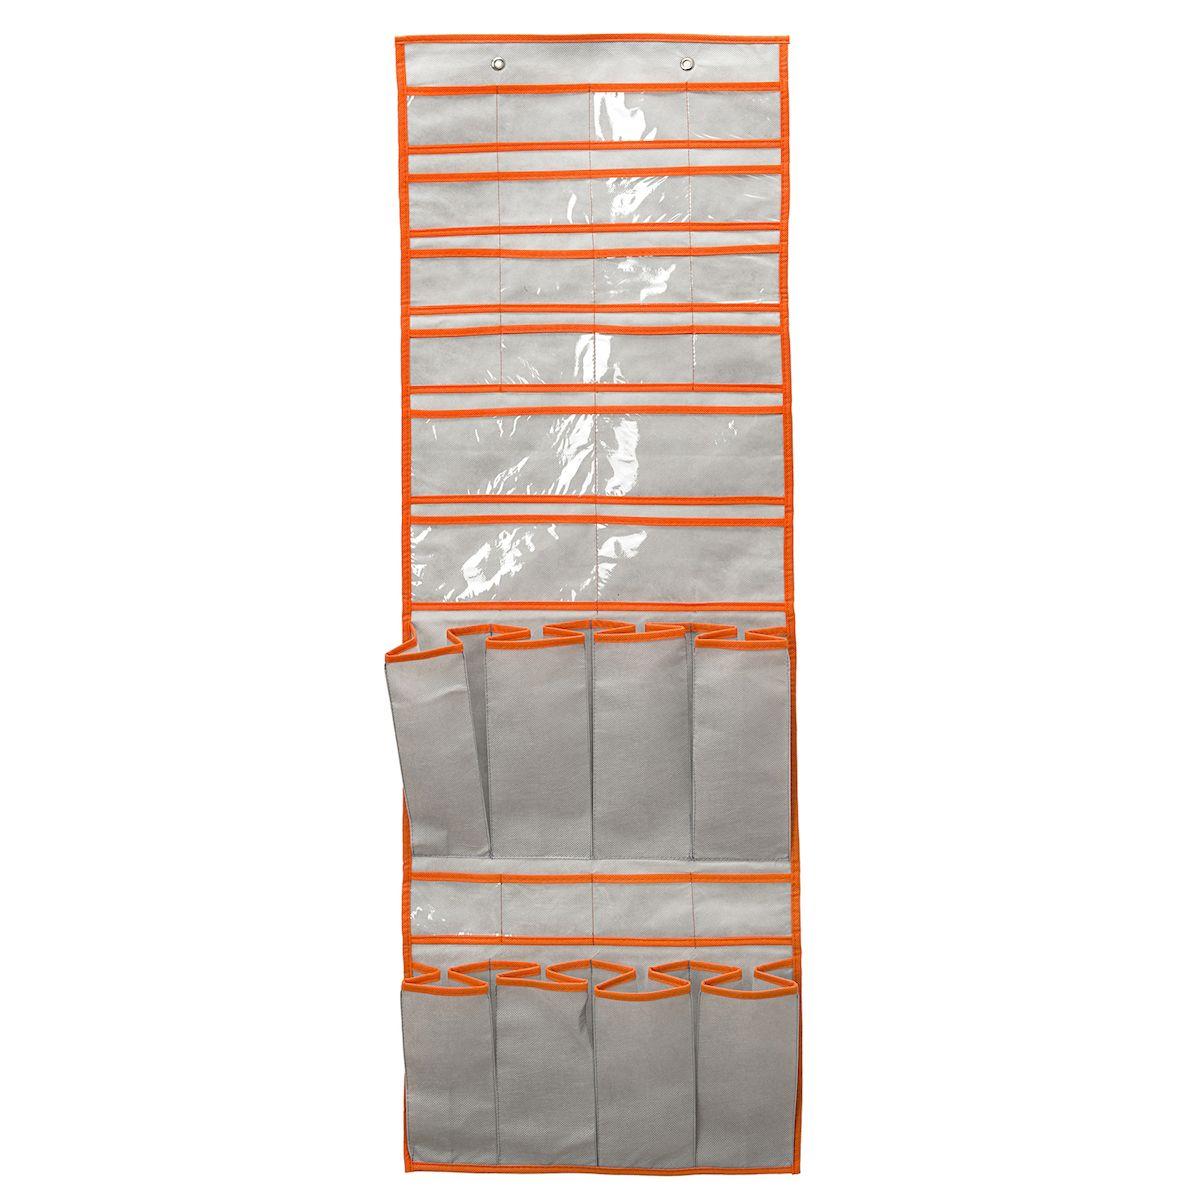 Подвесной органайзер для обуви и мелочей Homsu Space Grey, 39x10x122 смHOM-178Подвесной органайзер с 20-ю маленькими раздельными кармашками 8,5см на 6,5см, 4-мя большими раздельными кармашками 18см на 9см и 8-ю кармашками под обувь 9см на 24см очень удобен для хранения вещей в вашем шкафу. Идеально для колготок, мелочей, обуви и других вещей ежедневного пользования. Фактический цвет может отличаться от заявленного. Крючки для подвешивания в комплекте не идут. Размер изделия: 39x10x122 см.